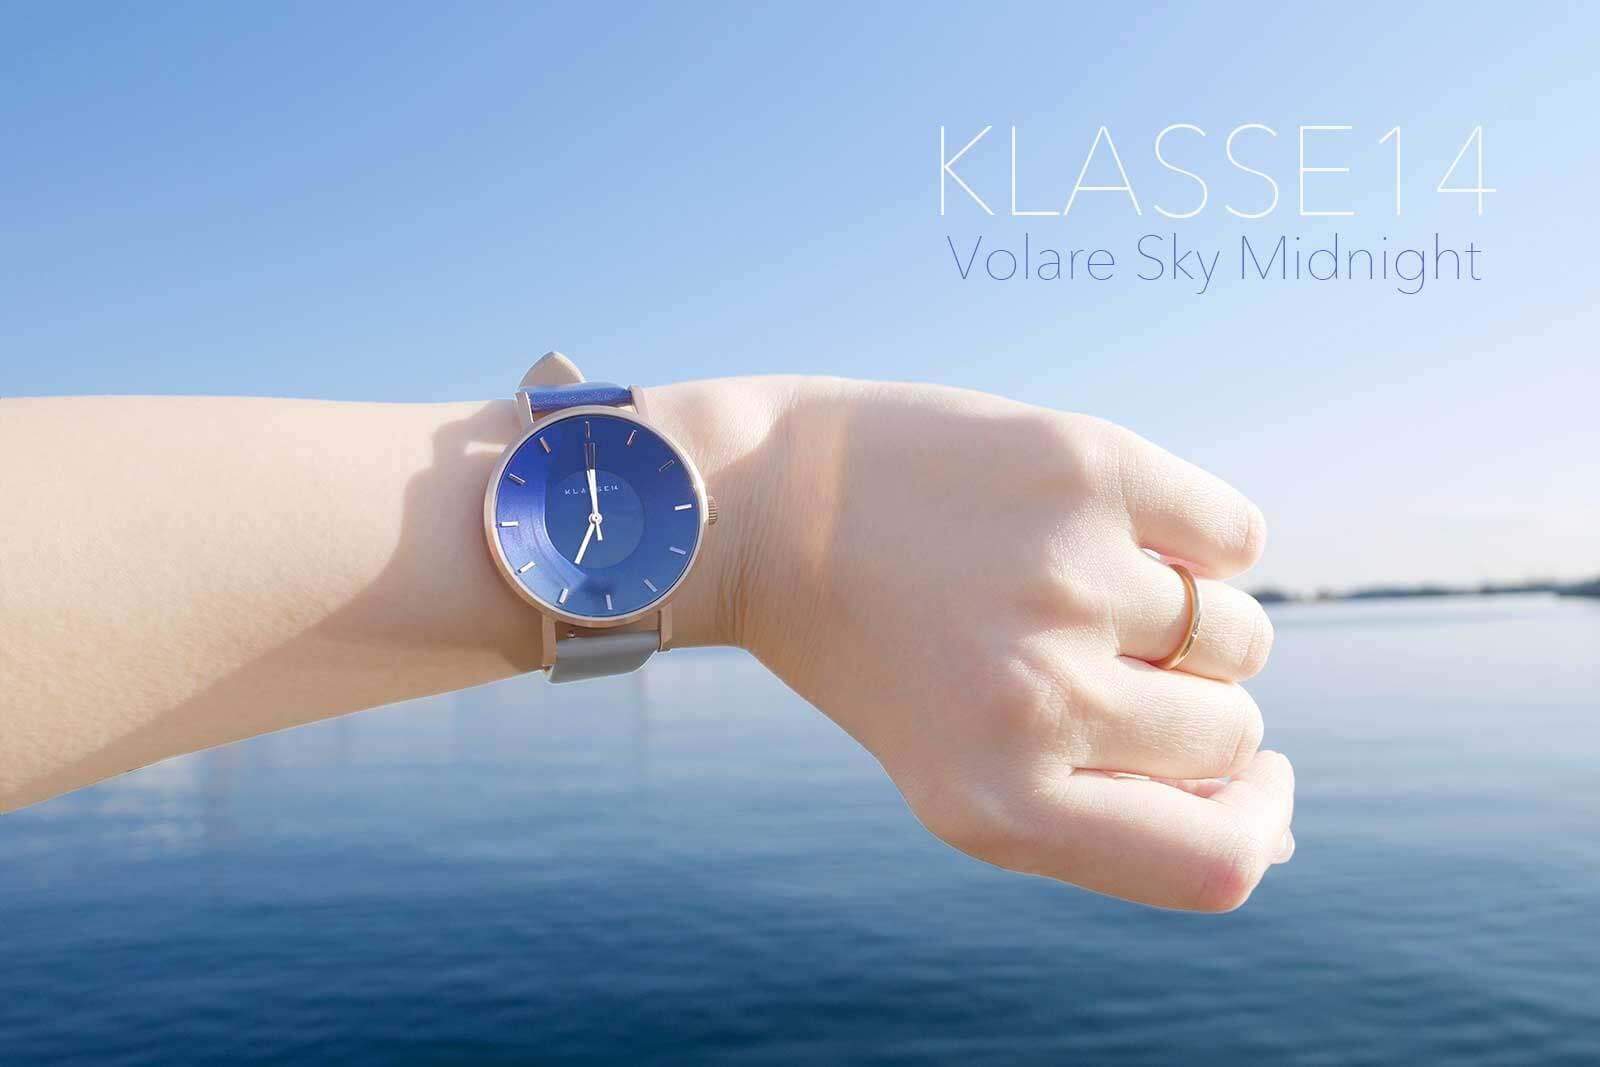 個性的な腕時計をお探しなら「KLASSE14 Volare Sky Midnight」がおすすめ!夏コーデにぴったりです。【PR】